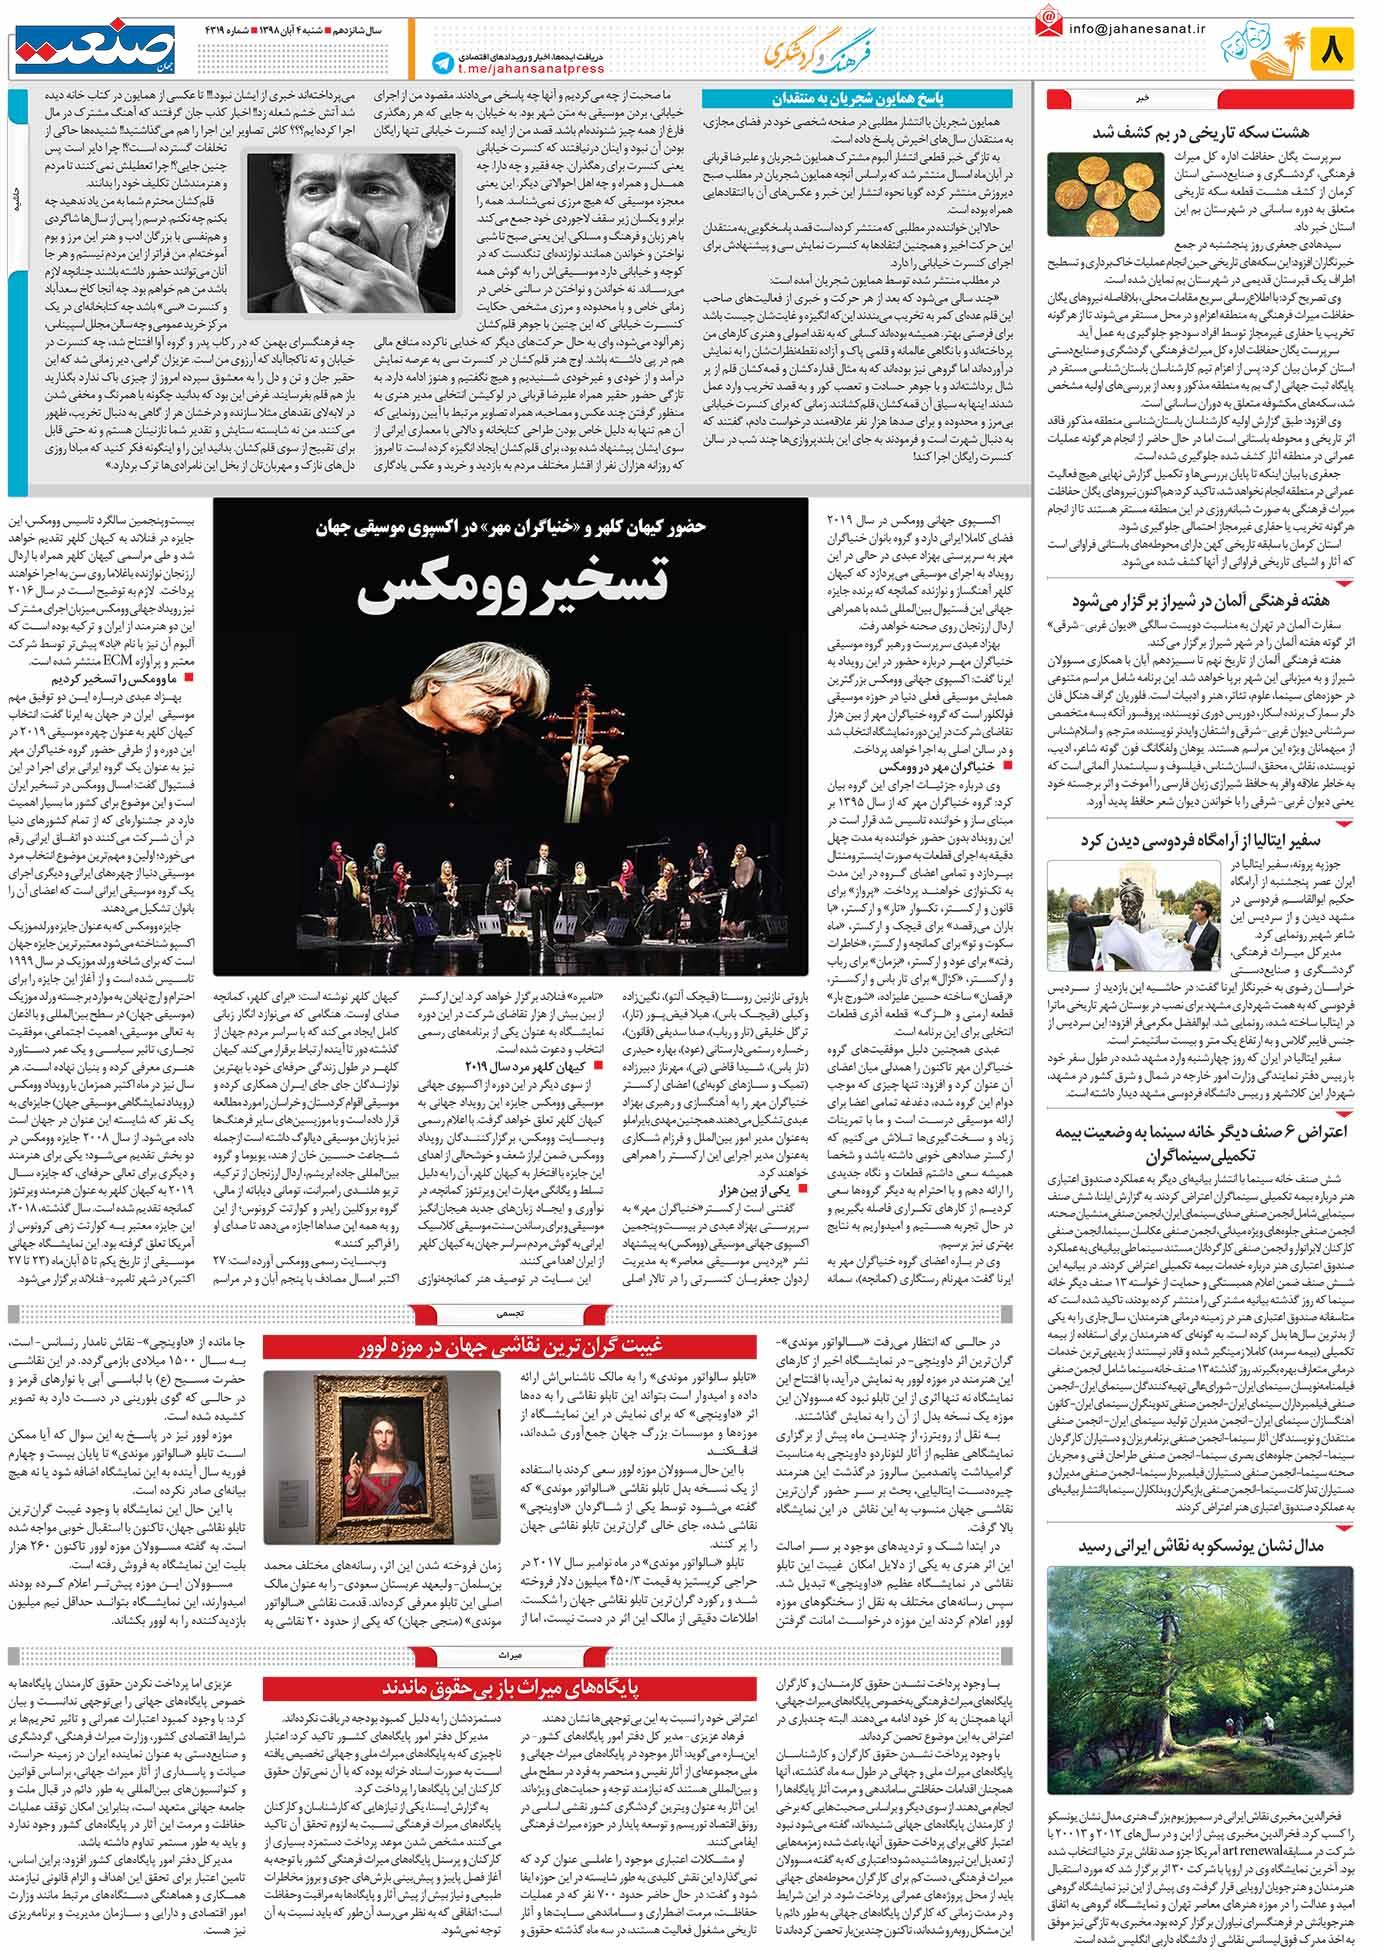 صفحه ۰۸-۴ آبان۱۳۹۸